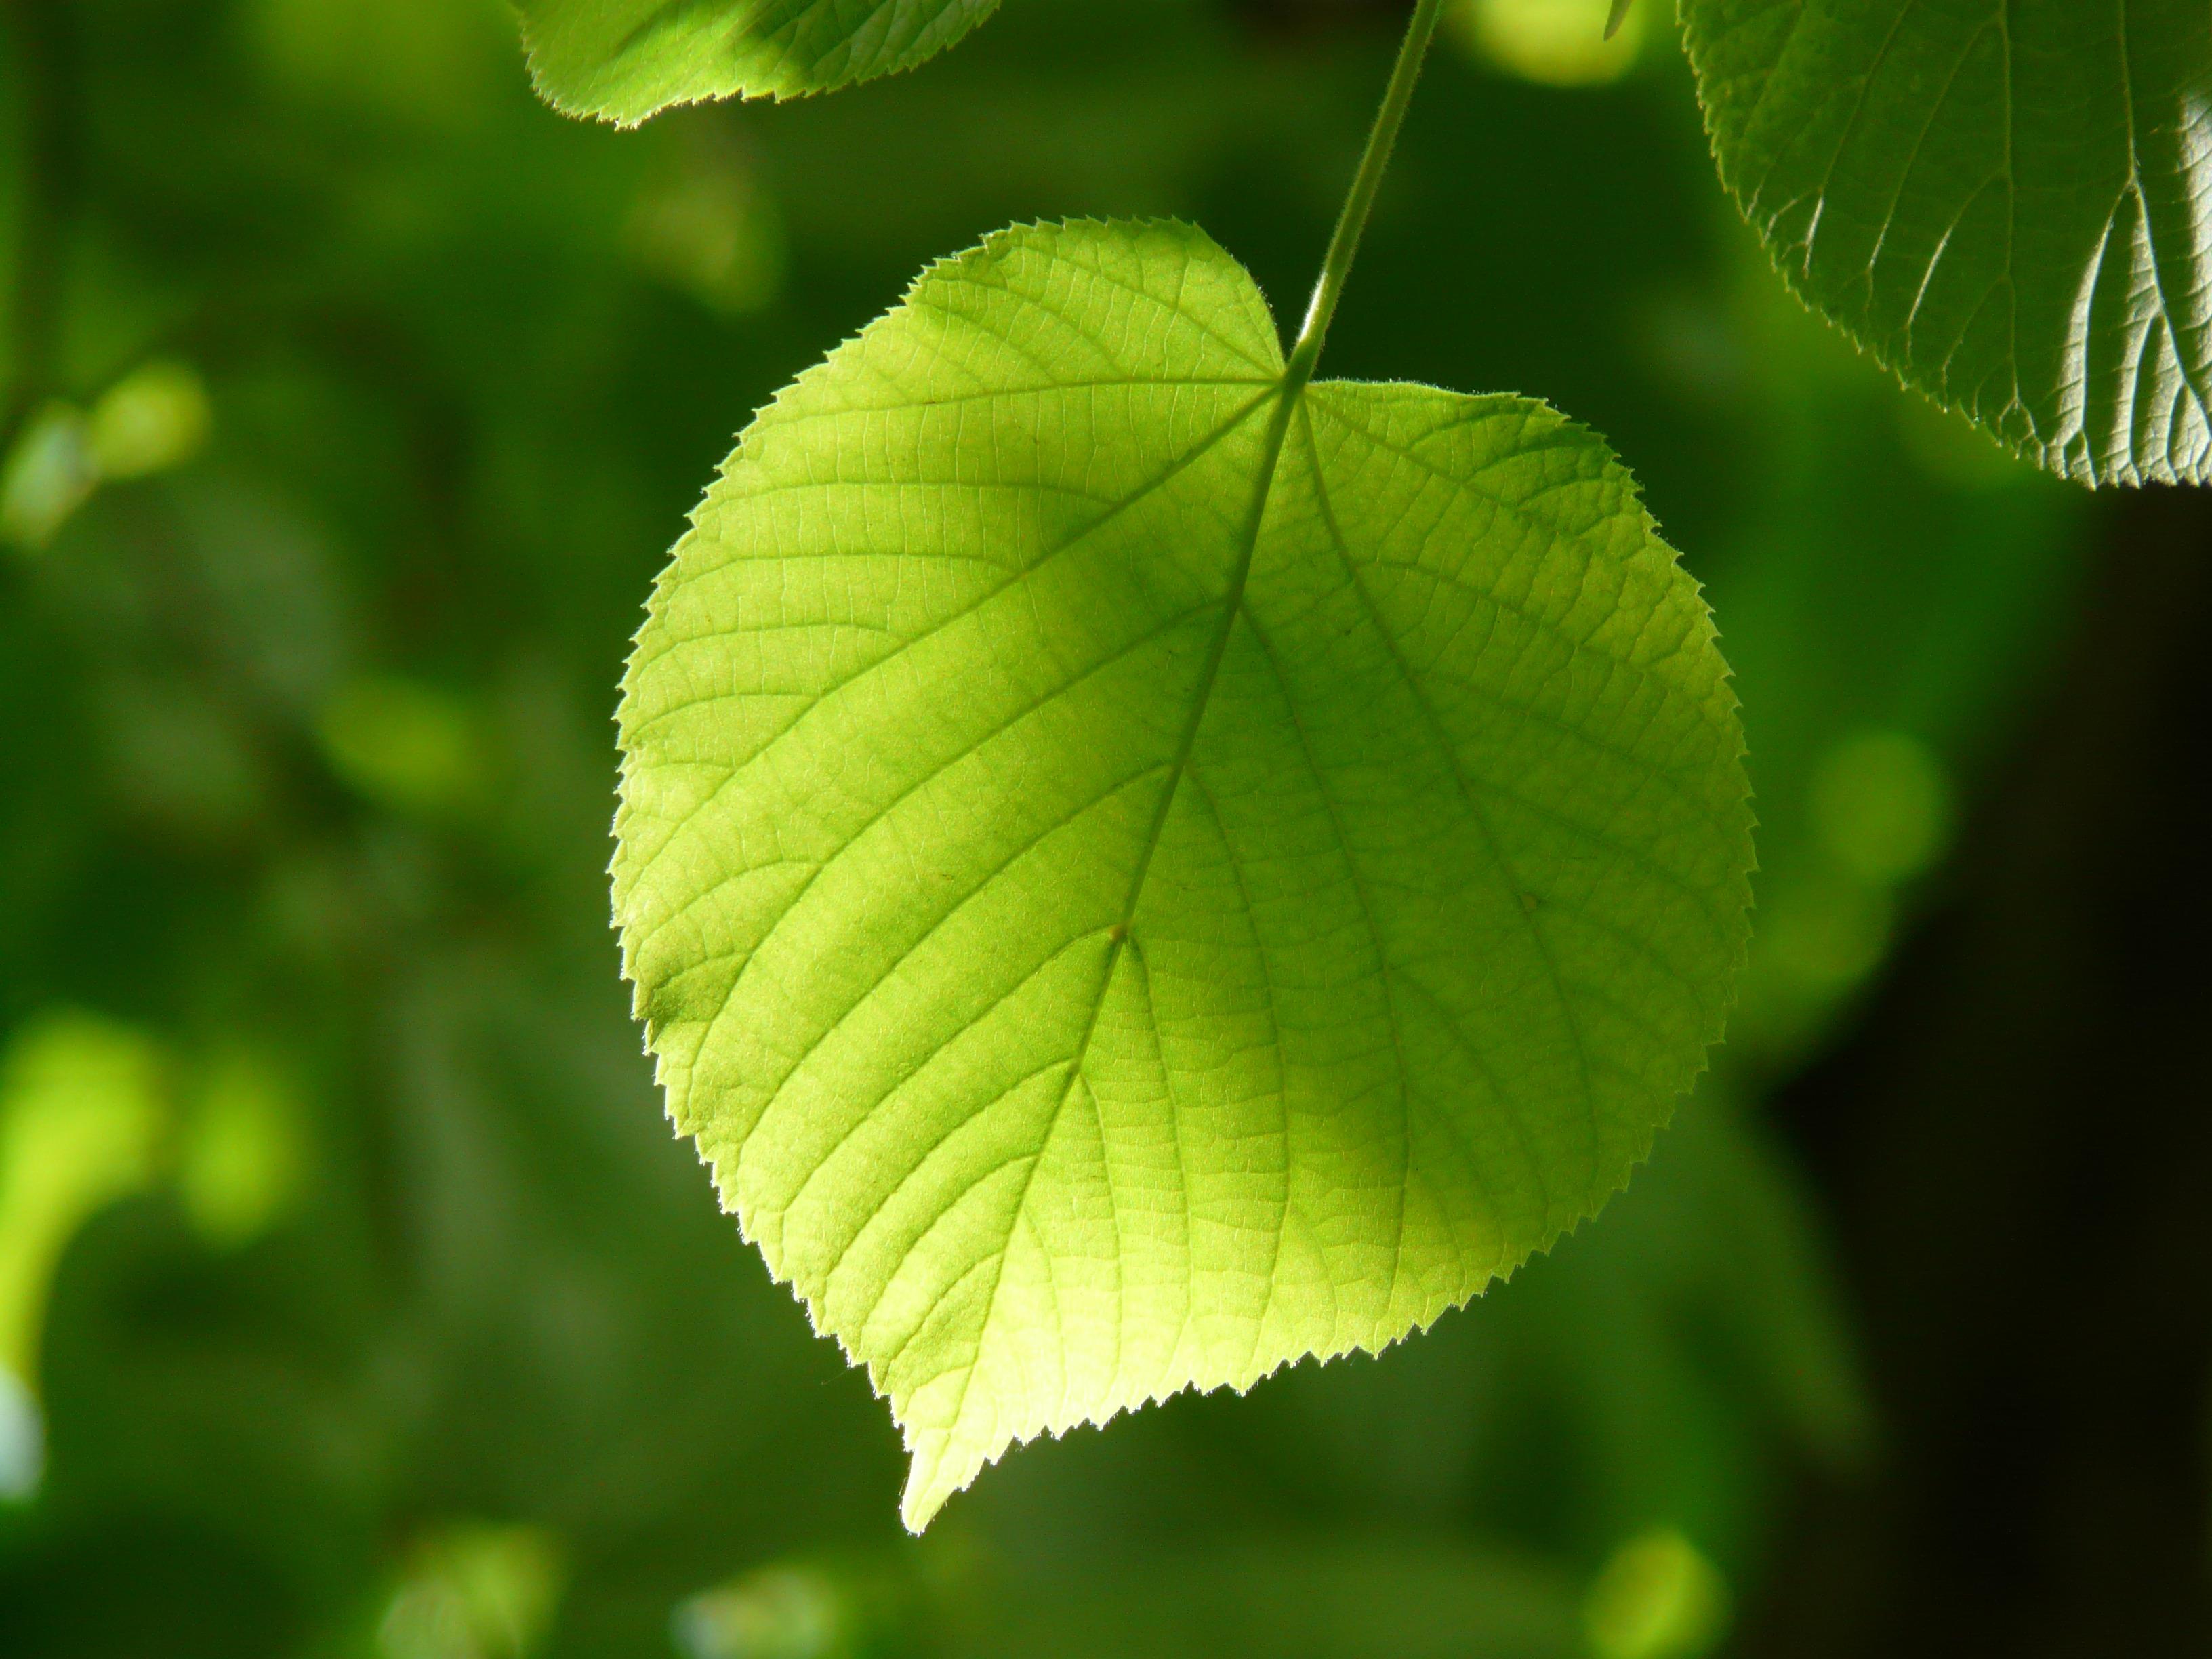 юридические картинки липы зеленеют удивительная